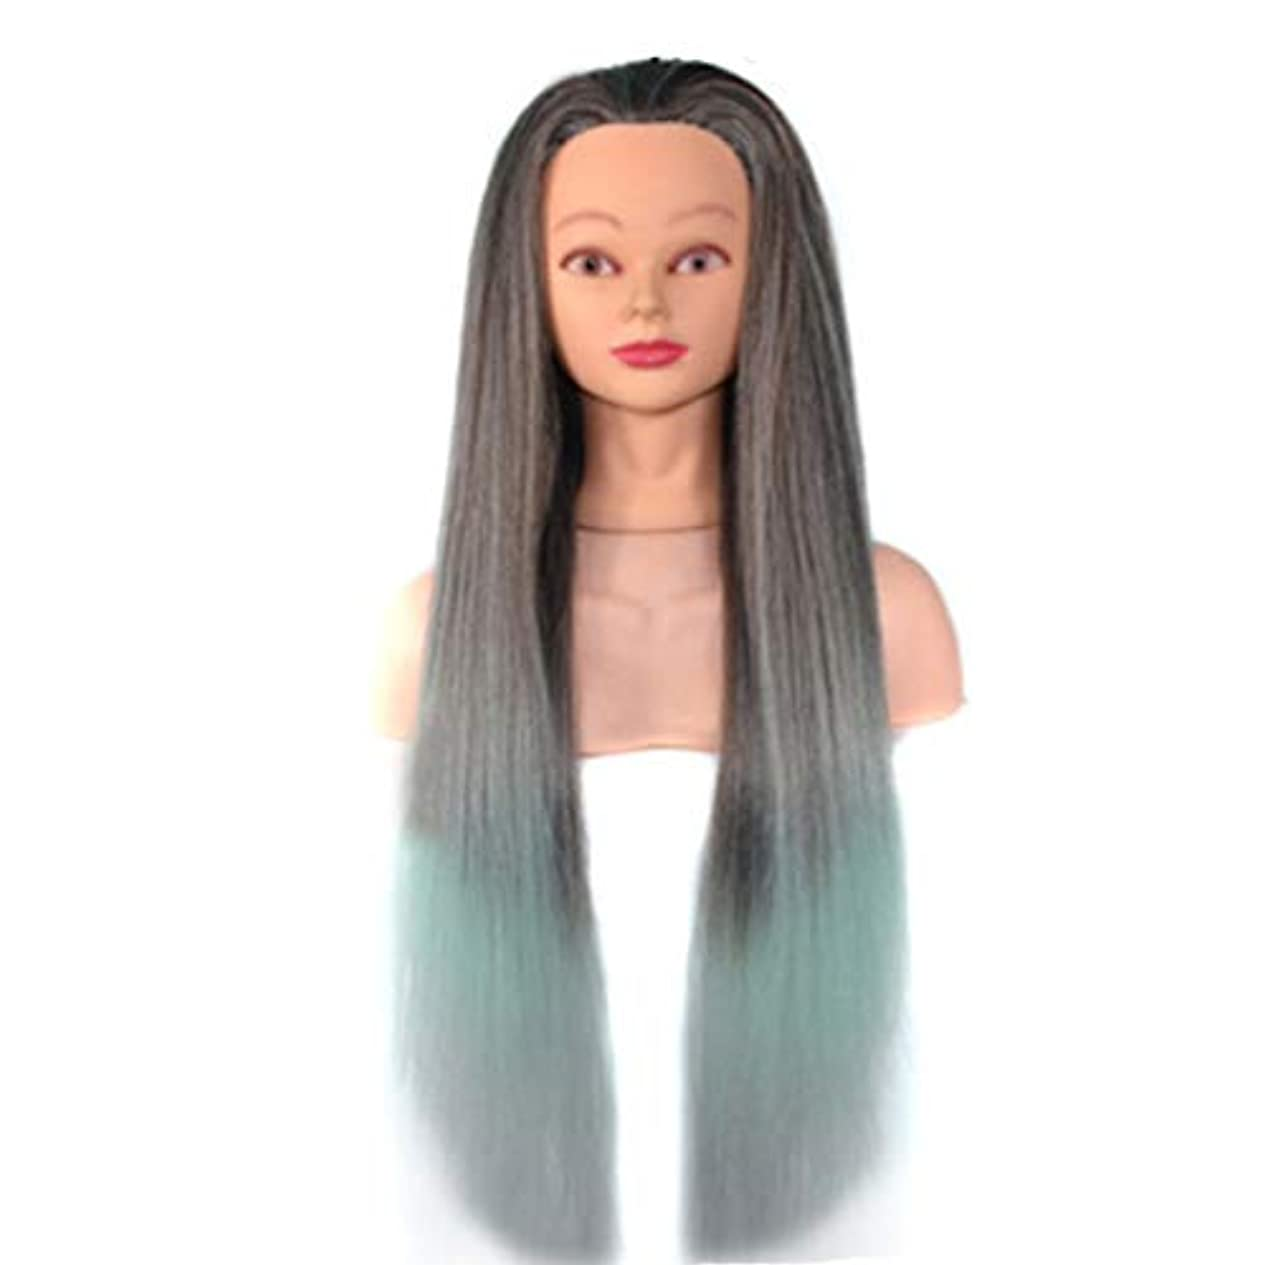 くつろぐ結晶高尚な化粧板髪練習帽子ジュエリーディスプレイヘッド金型高温シルクグラデーションカラートレーニングヘッドヘアマネキン,09